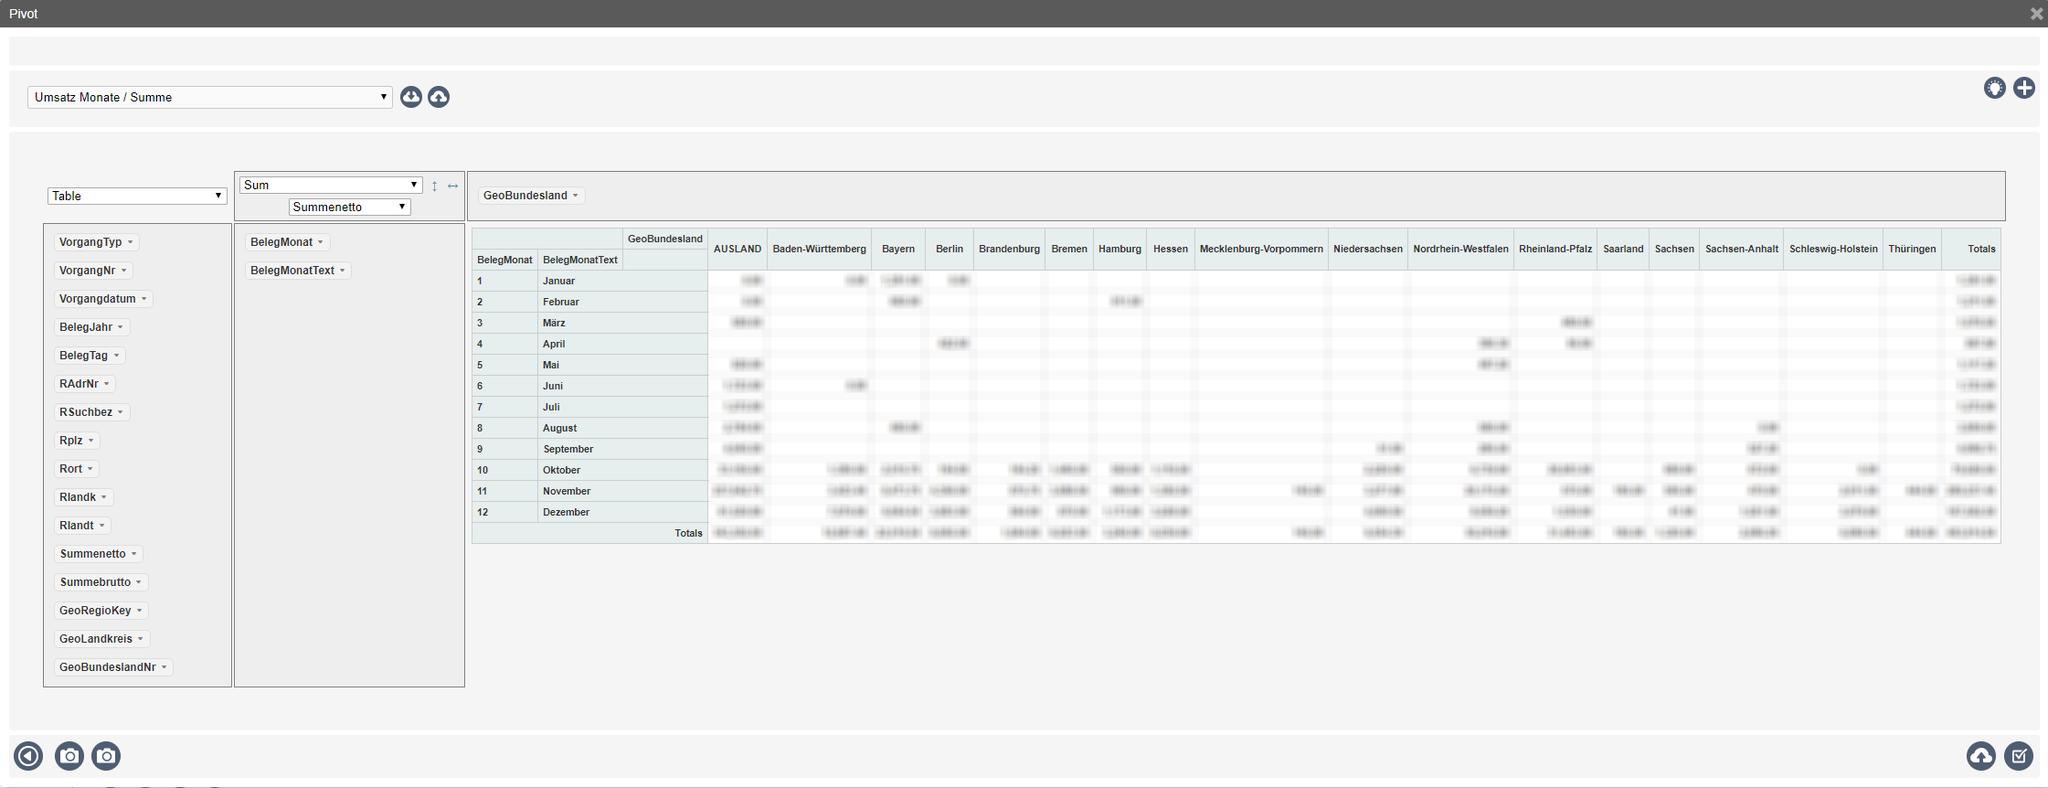 Pivot-Statistik mit wählbaren Spalten per Drag&Drop / Summenbildung / grafischer Darstellung